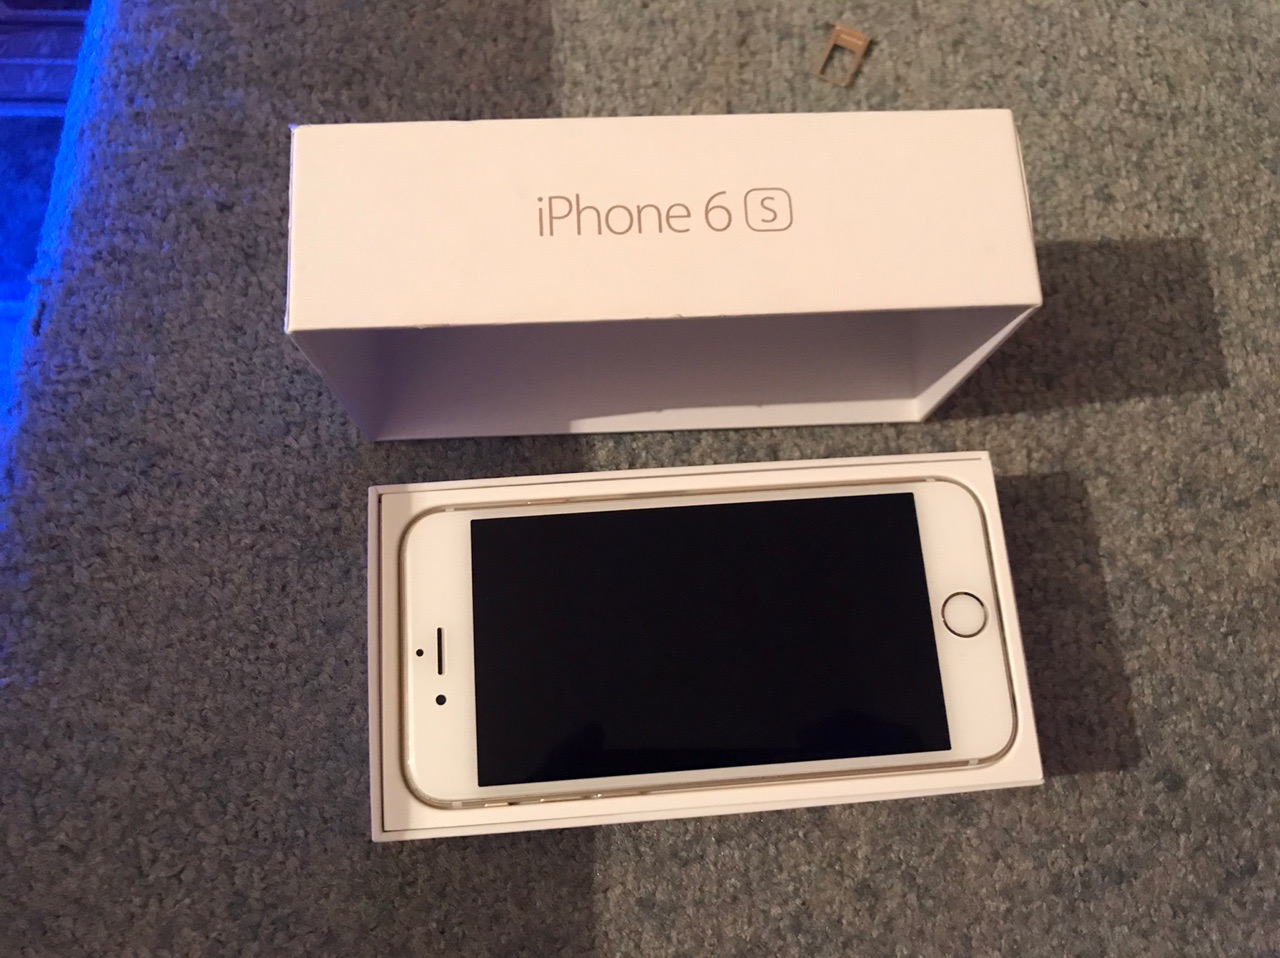 Купить оригинальный Iphone 6s на 16гб. | Объявления Орска и Новотроицка №1618